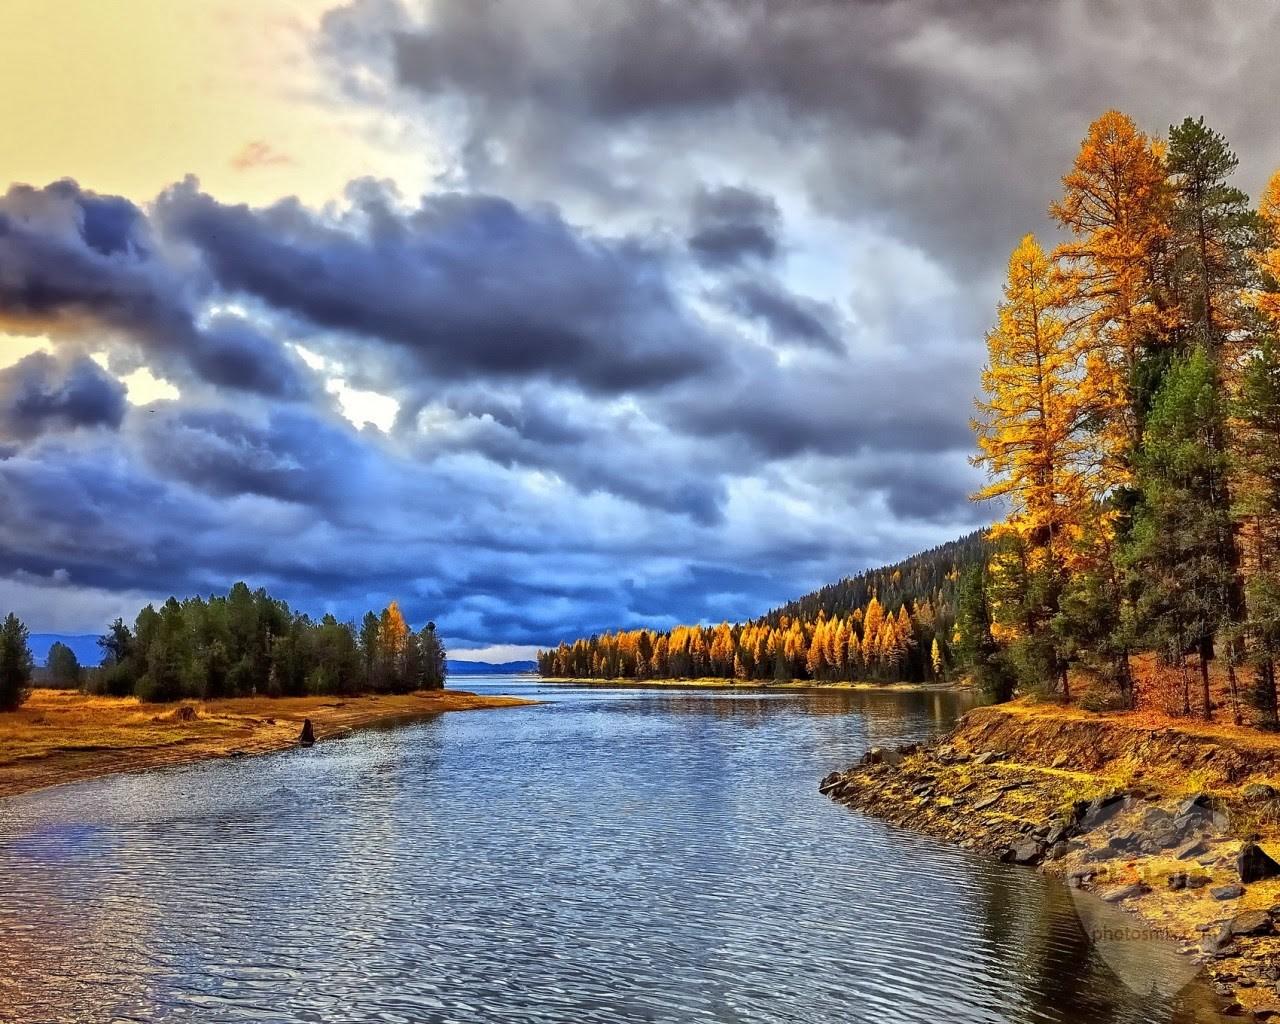 صور خلفيات جميلة مناظر طبيعية بجودة HD 4